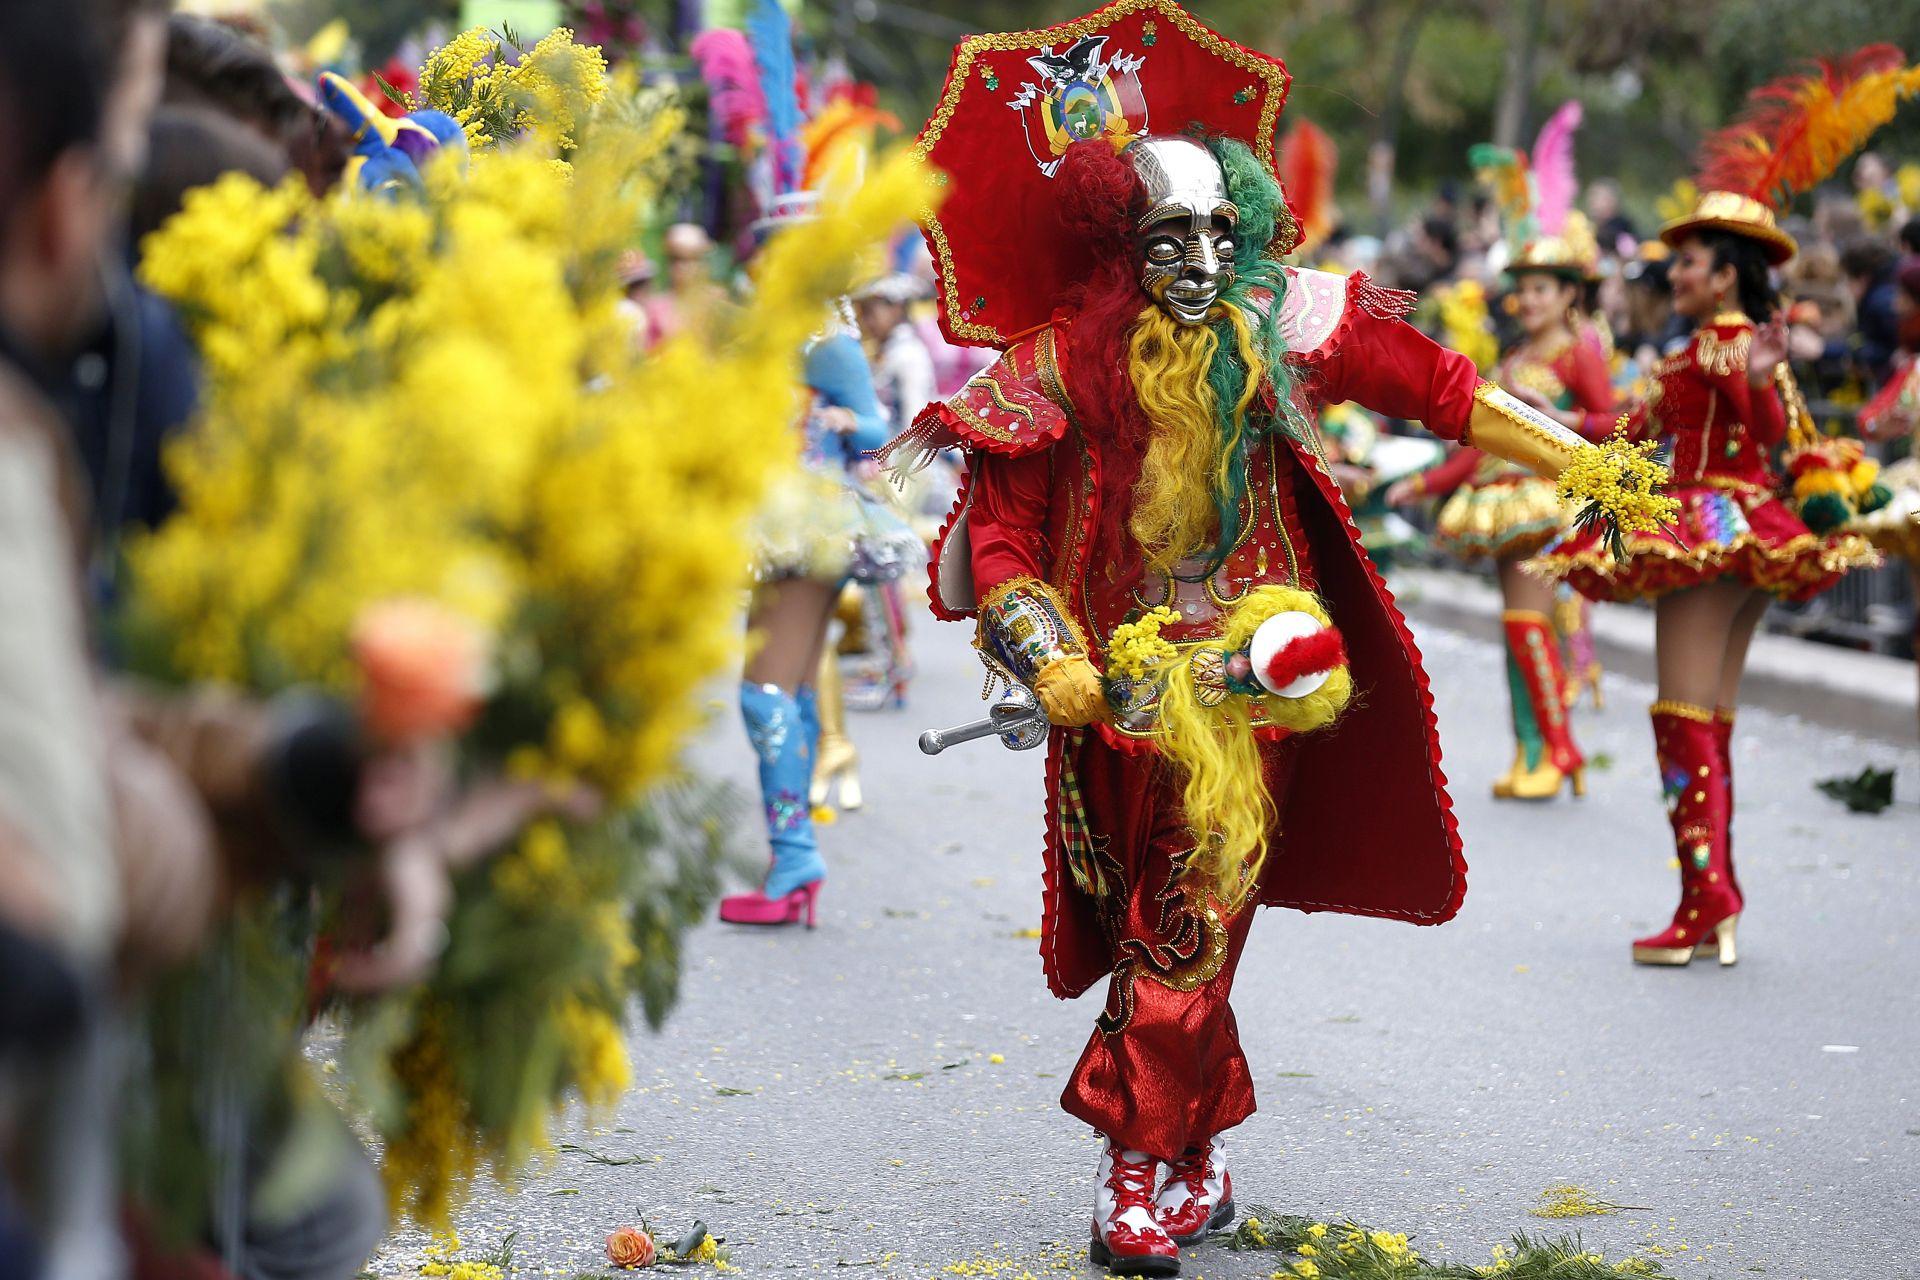 JAKE MJERE SIGURNOSTI: Otvoreni karnevali u Nici i Veneciji